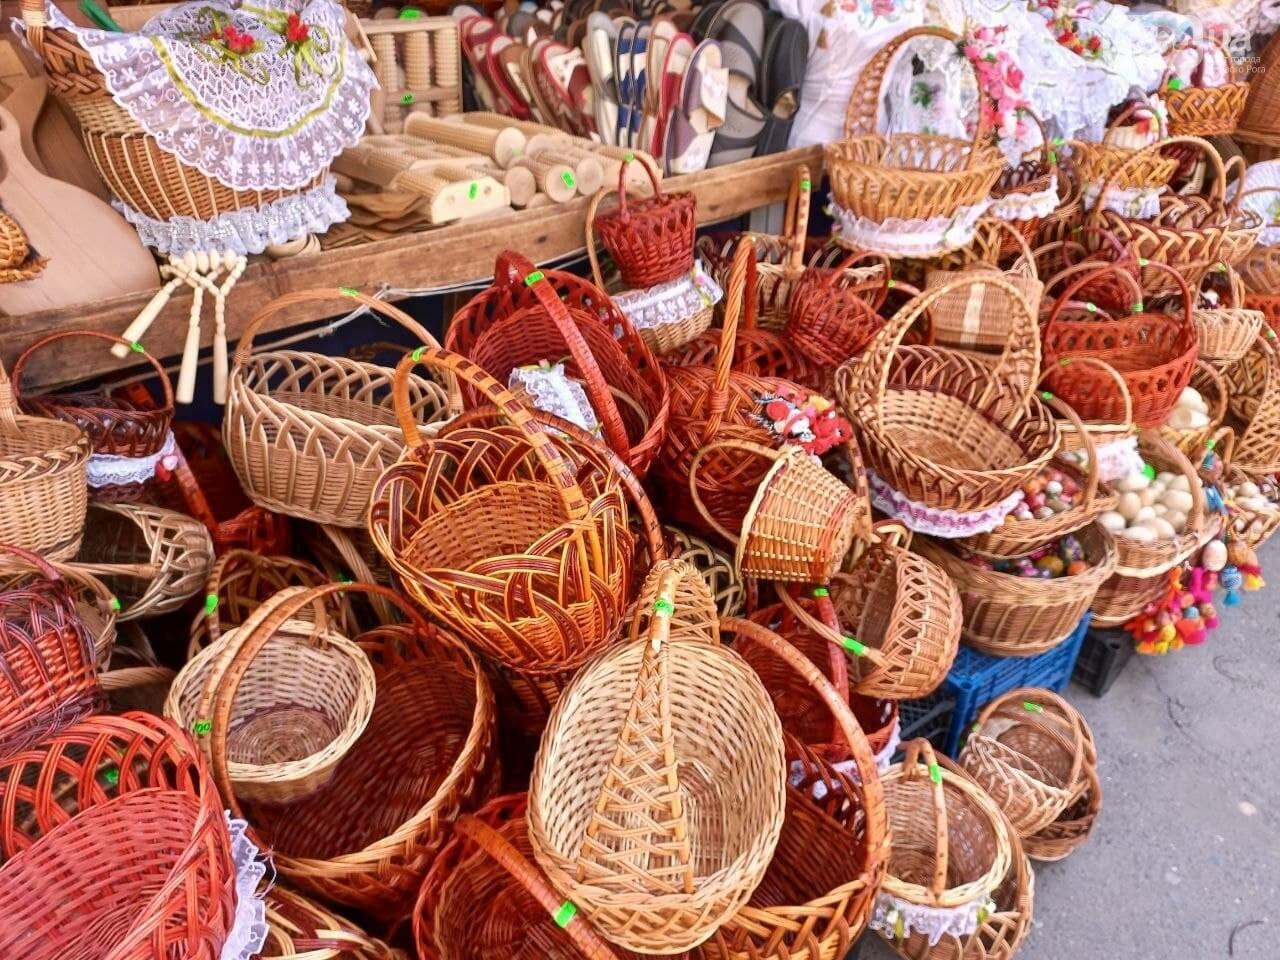 Пасхальная корзина 2021: сколько стоит традиционный праздничный набор продуктов в Кривом Роге, - ФОТО, фото-29